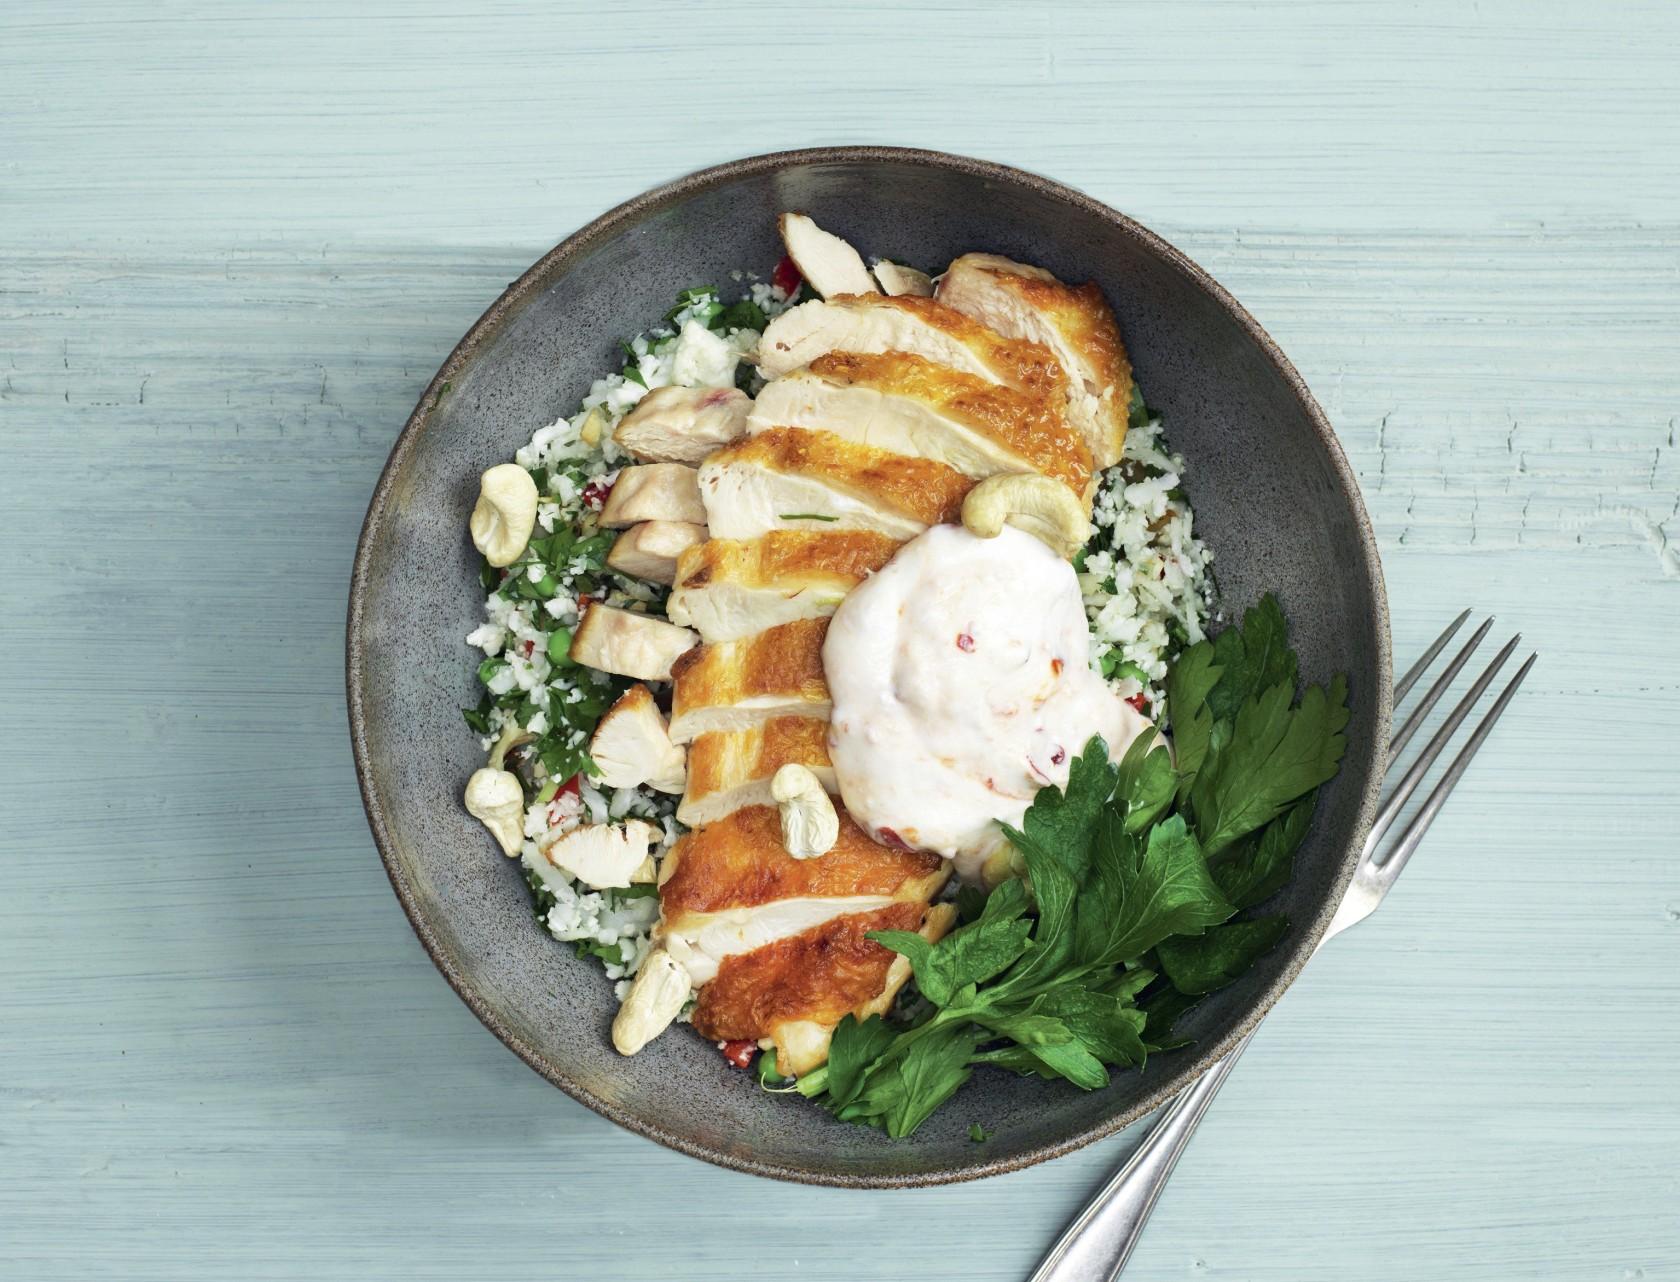 Kylling med blomkåls-tabbouleh - virkelig lækker opskrift.